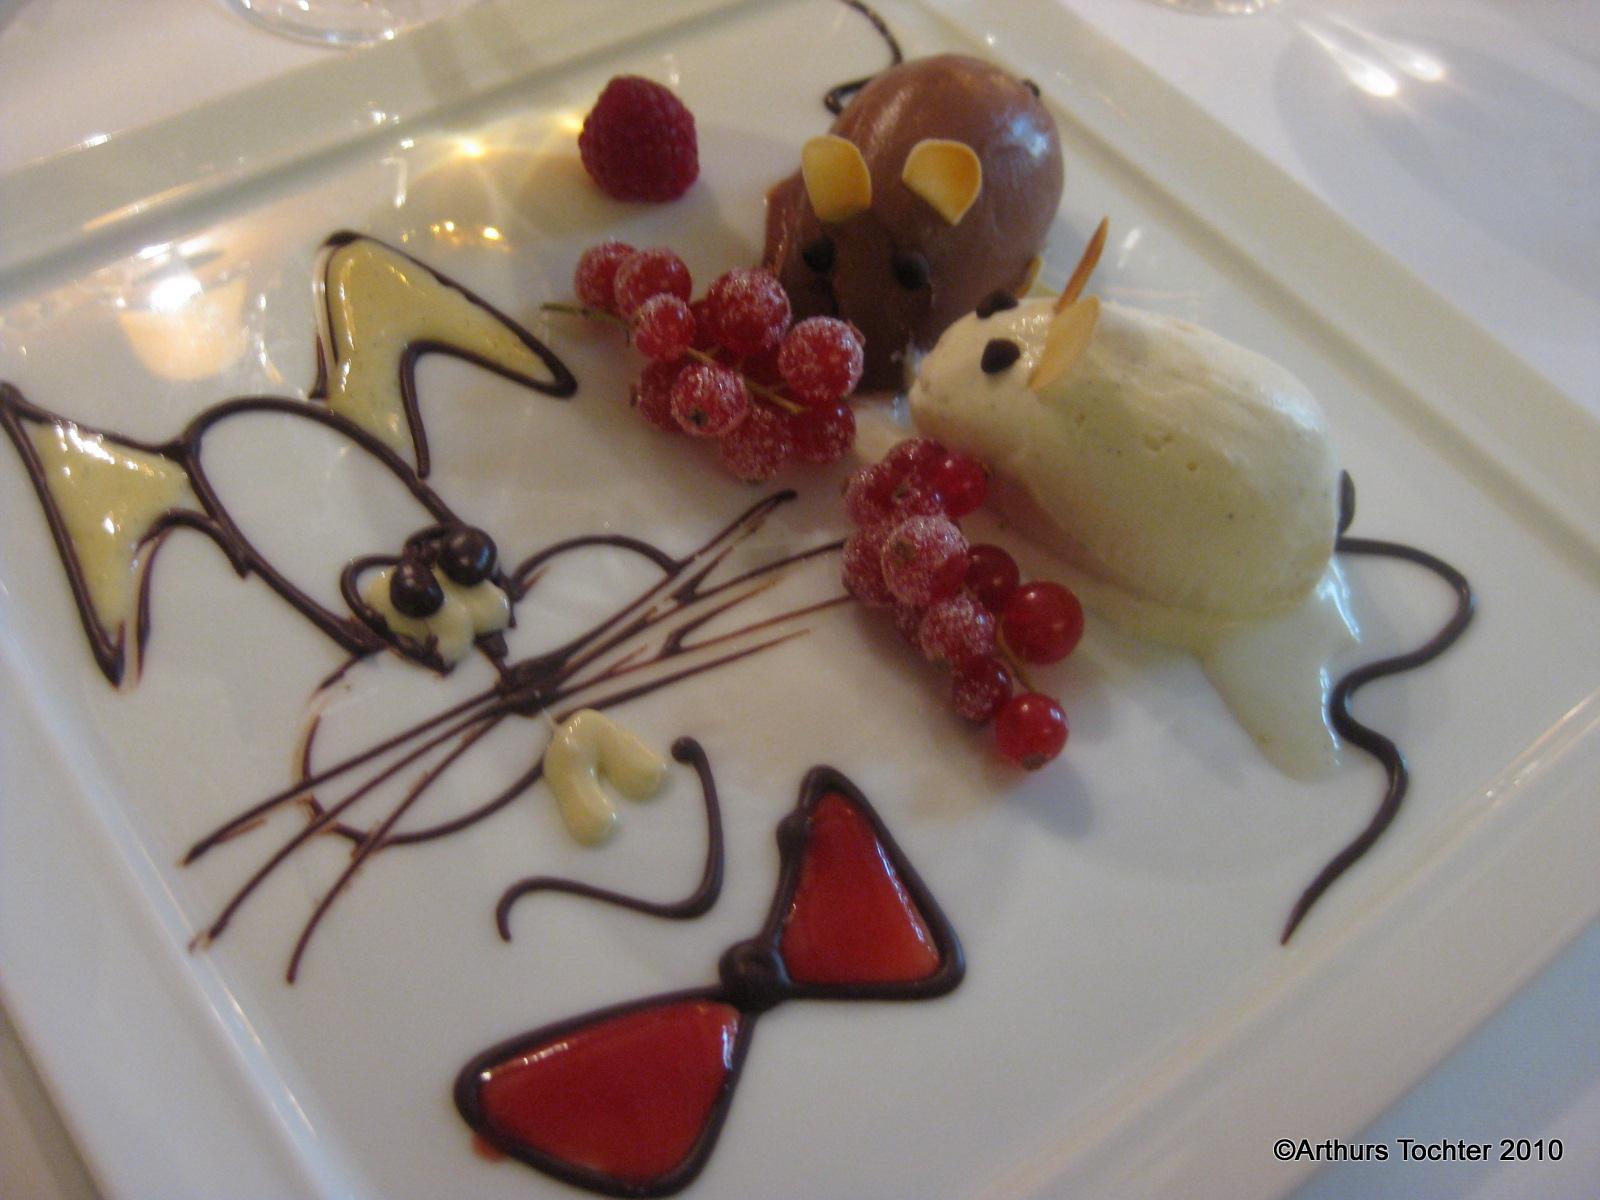 Mein Mäuse-Dessert | Arthurs Tochter kocht. von Astrid Paul. Der Blog für food, wine, travel & love